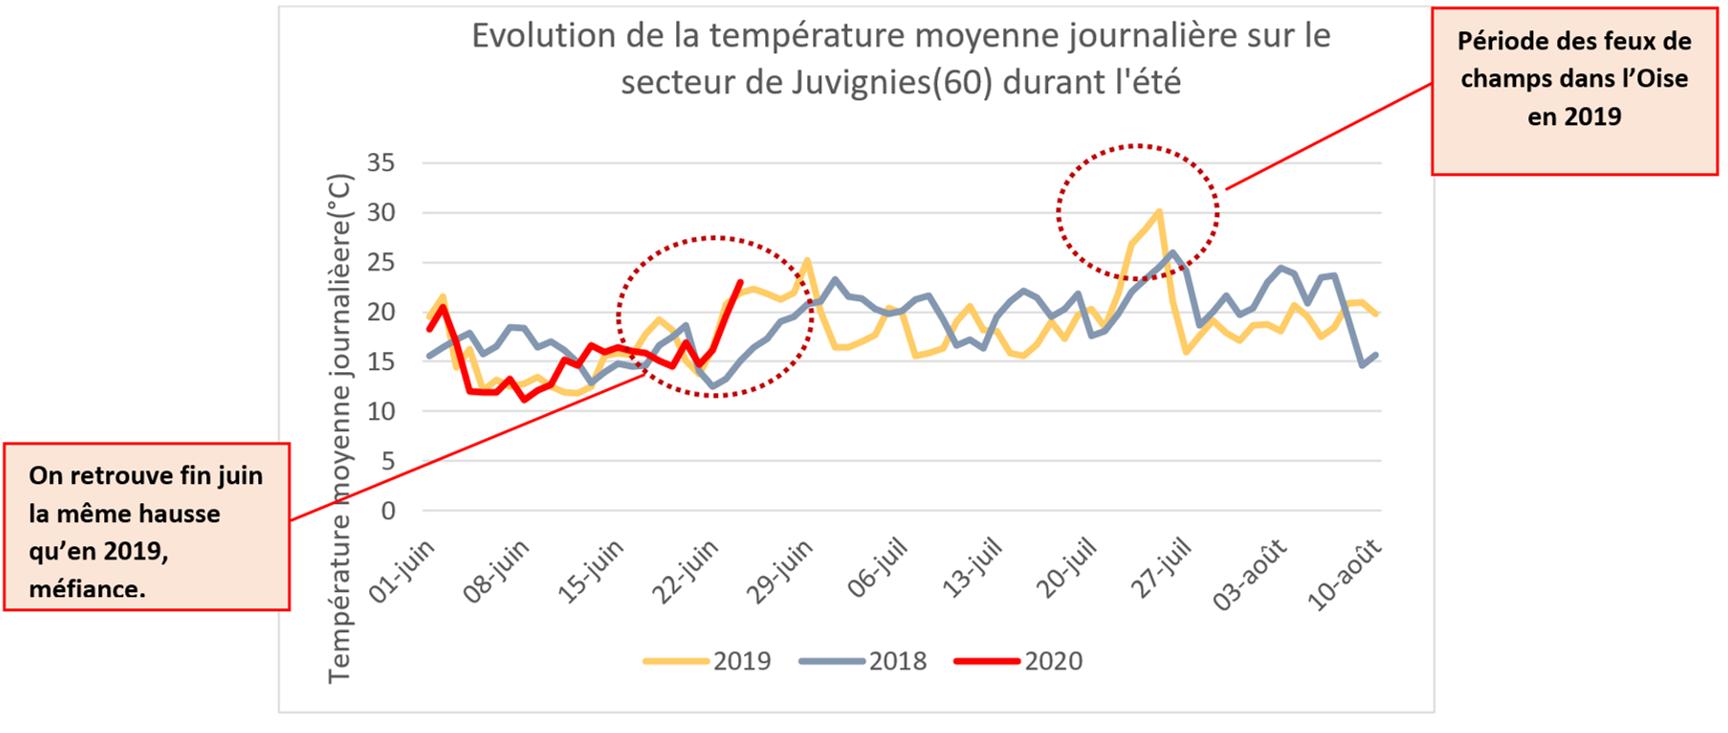 Evolution de la température moyenne journalière sur le secteur de Juvignies(60) durant l'été